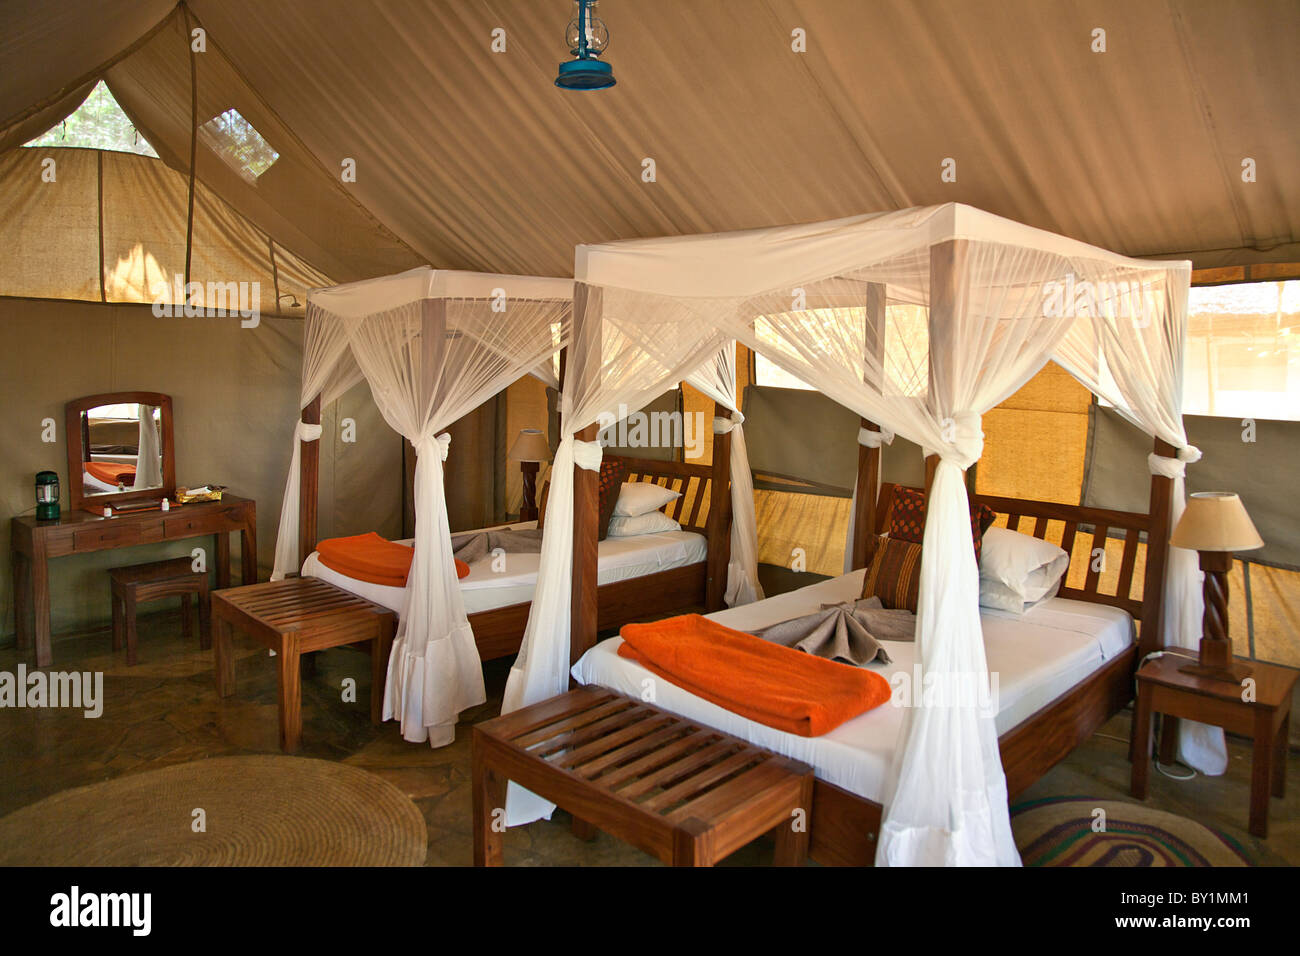 Hébergement sous tente à Riverside Selous Safari Camp situé sur les rives du fleuve Rufiji juste Photo Stock